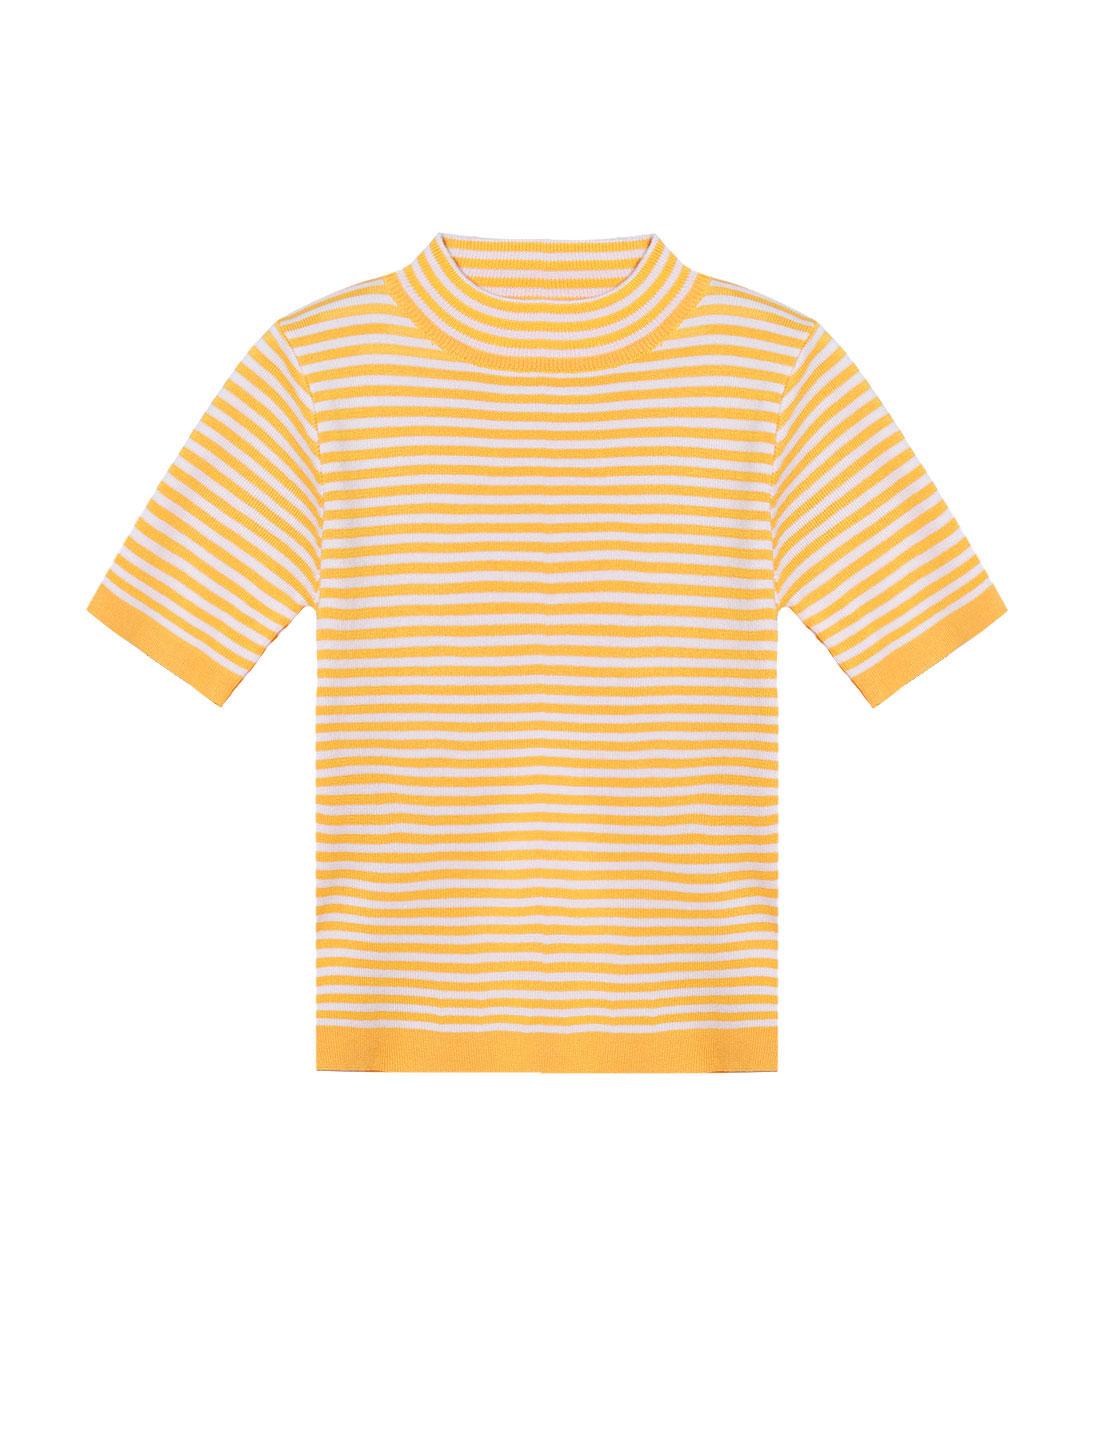 Women Mock Neck Stripes Slim Fit Knit Shirt Yellow XS